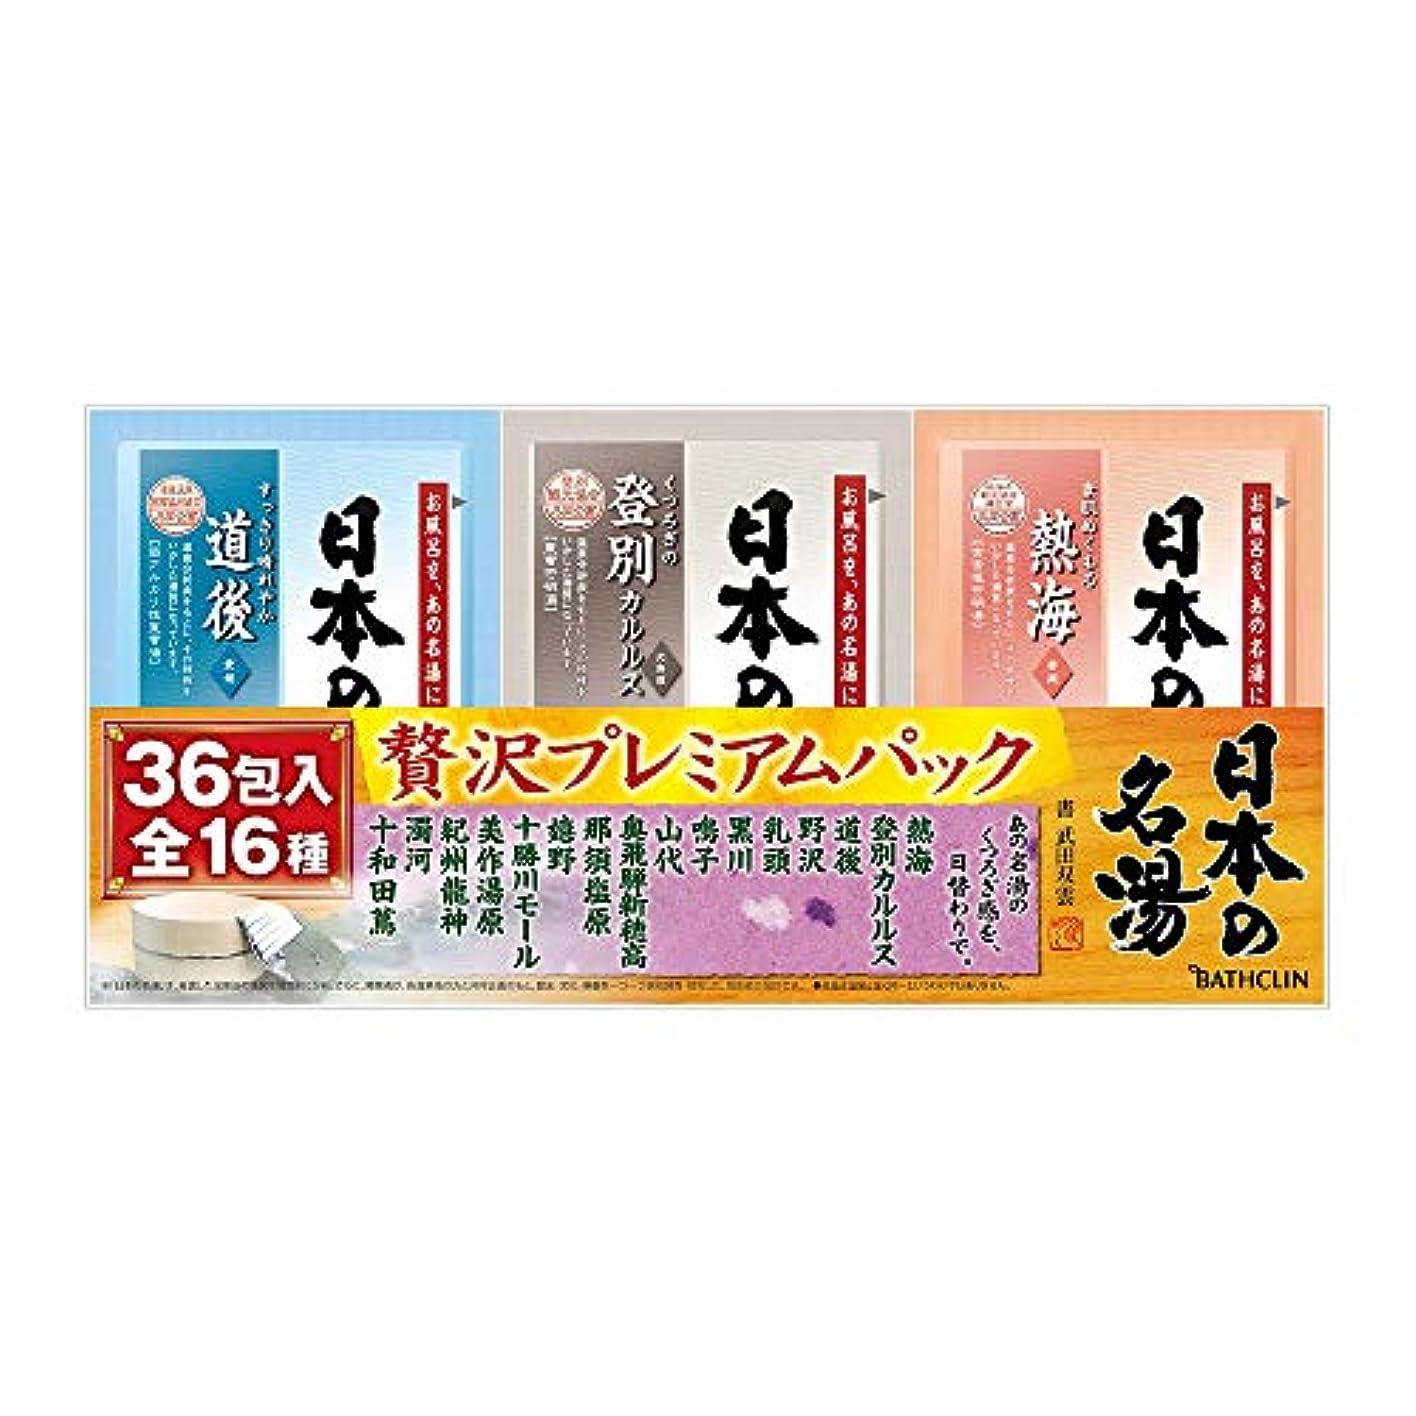 遊び場悪意ランチ【医薬部外品/大容量】日本の名湯入浴剤 贅沢プレミアムパック36包入 個包装 詰め合わせ 温泉タイプ